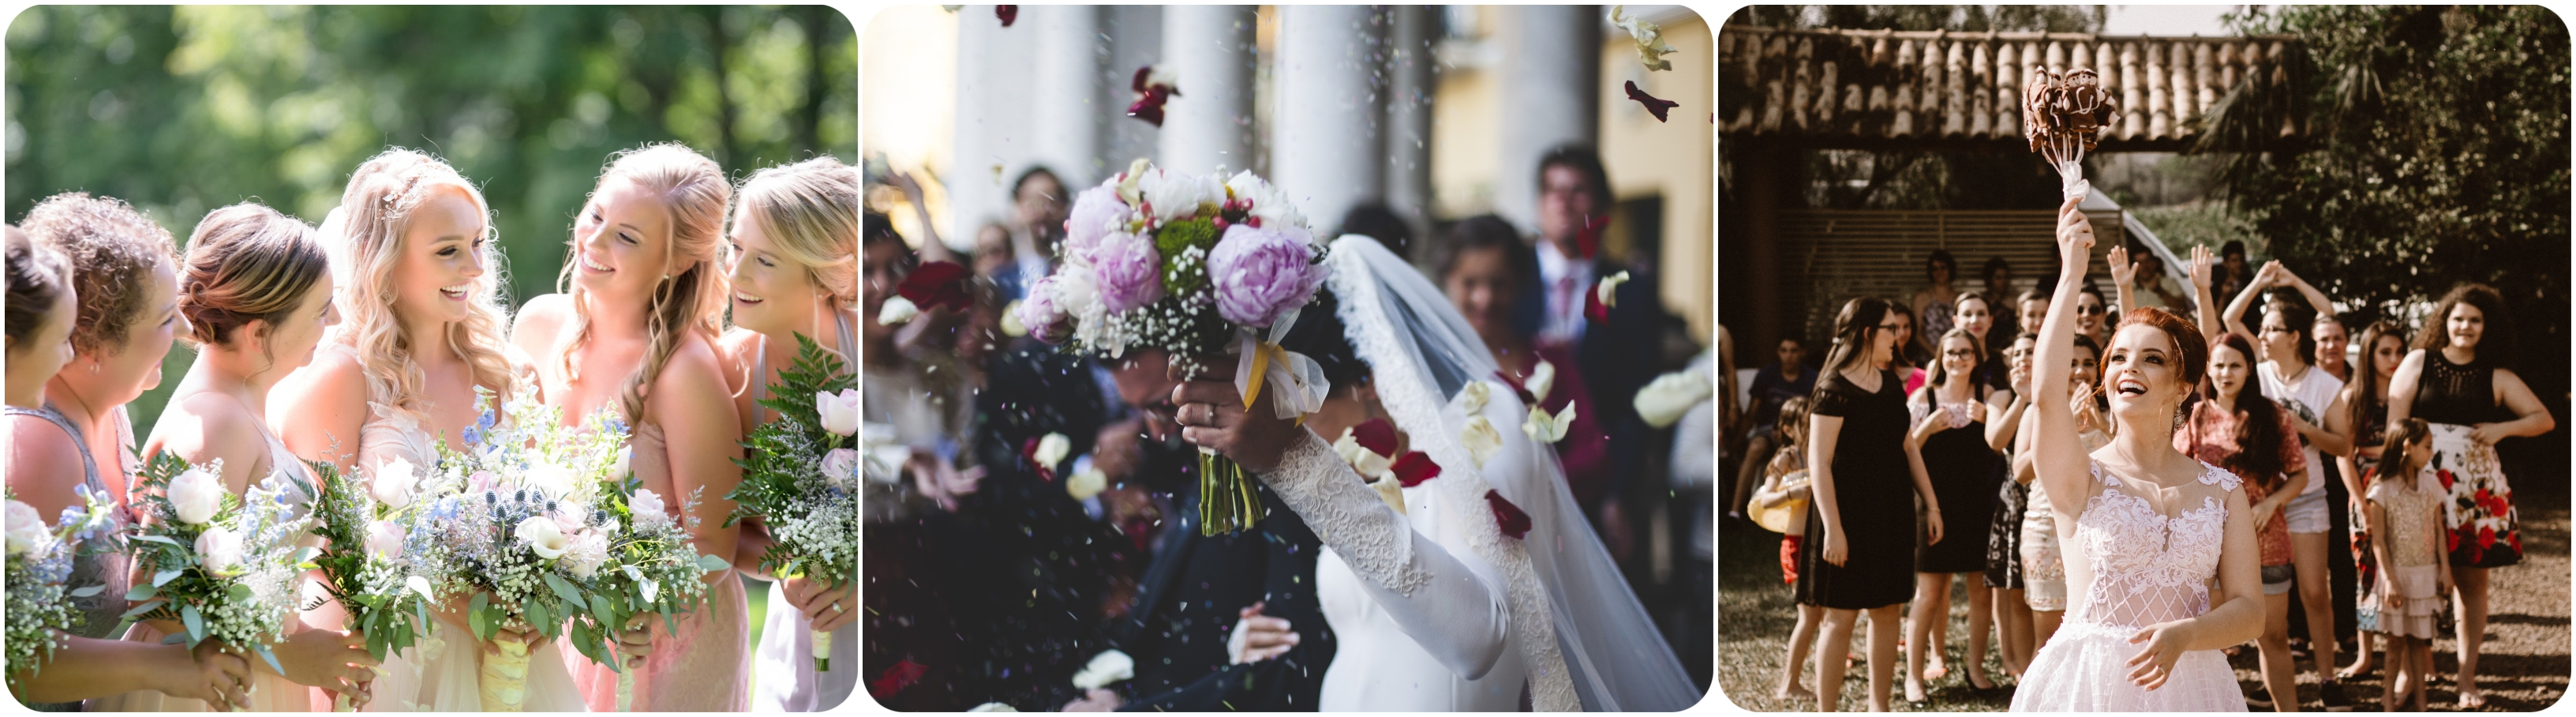 Brautstraußwerfen als Hochzeitsbräuche